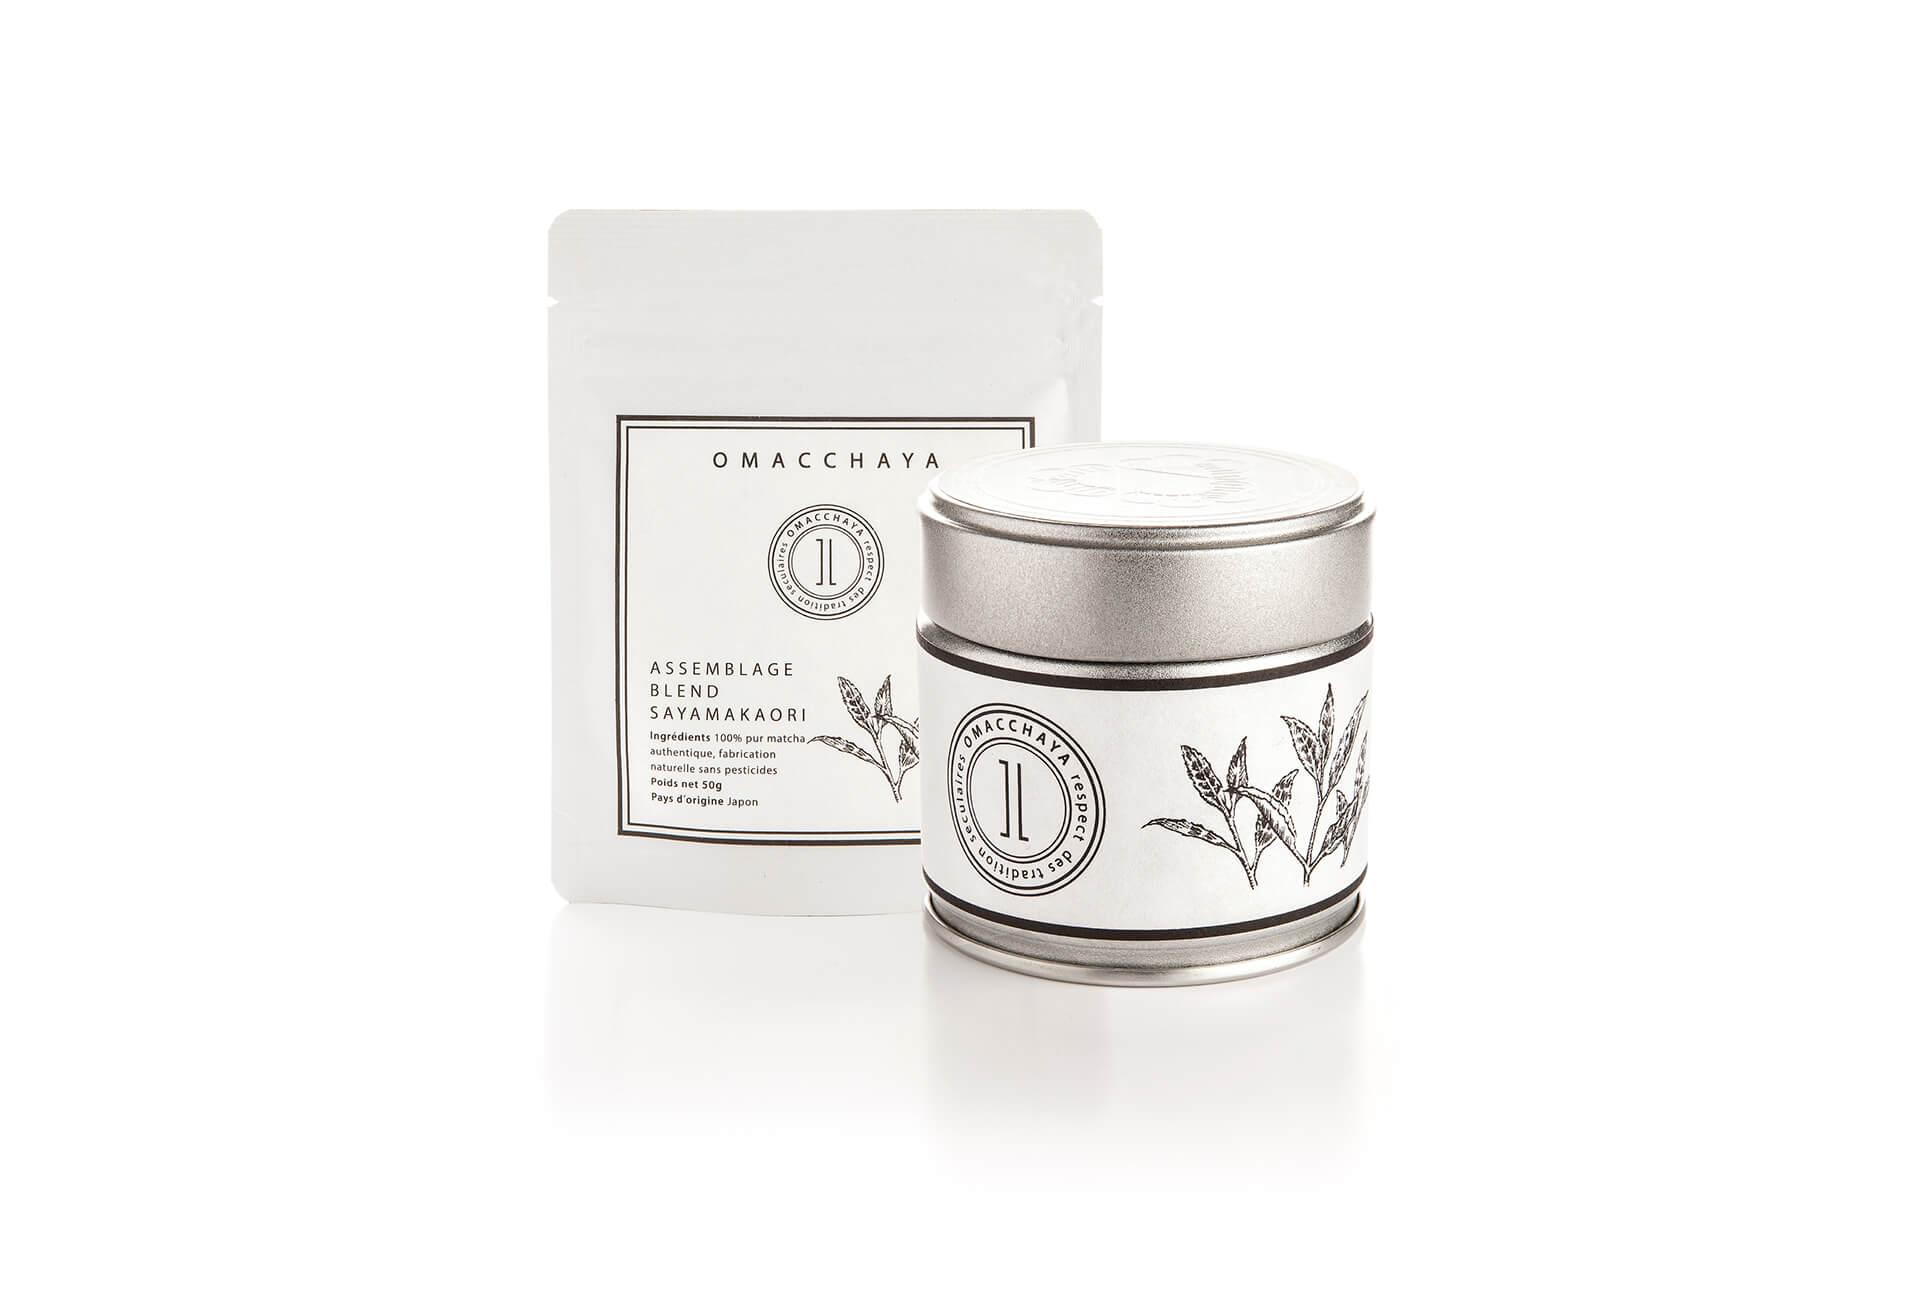 抹茶/茶葉包裝設計(日式品牌)